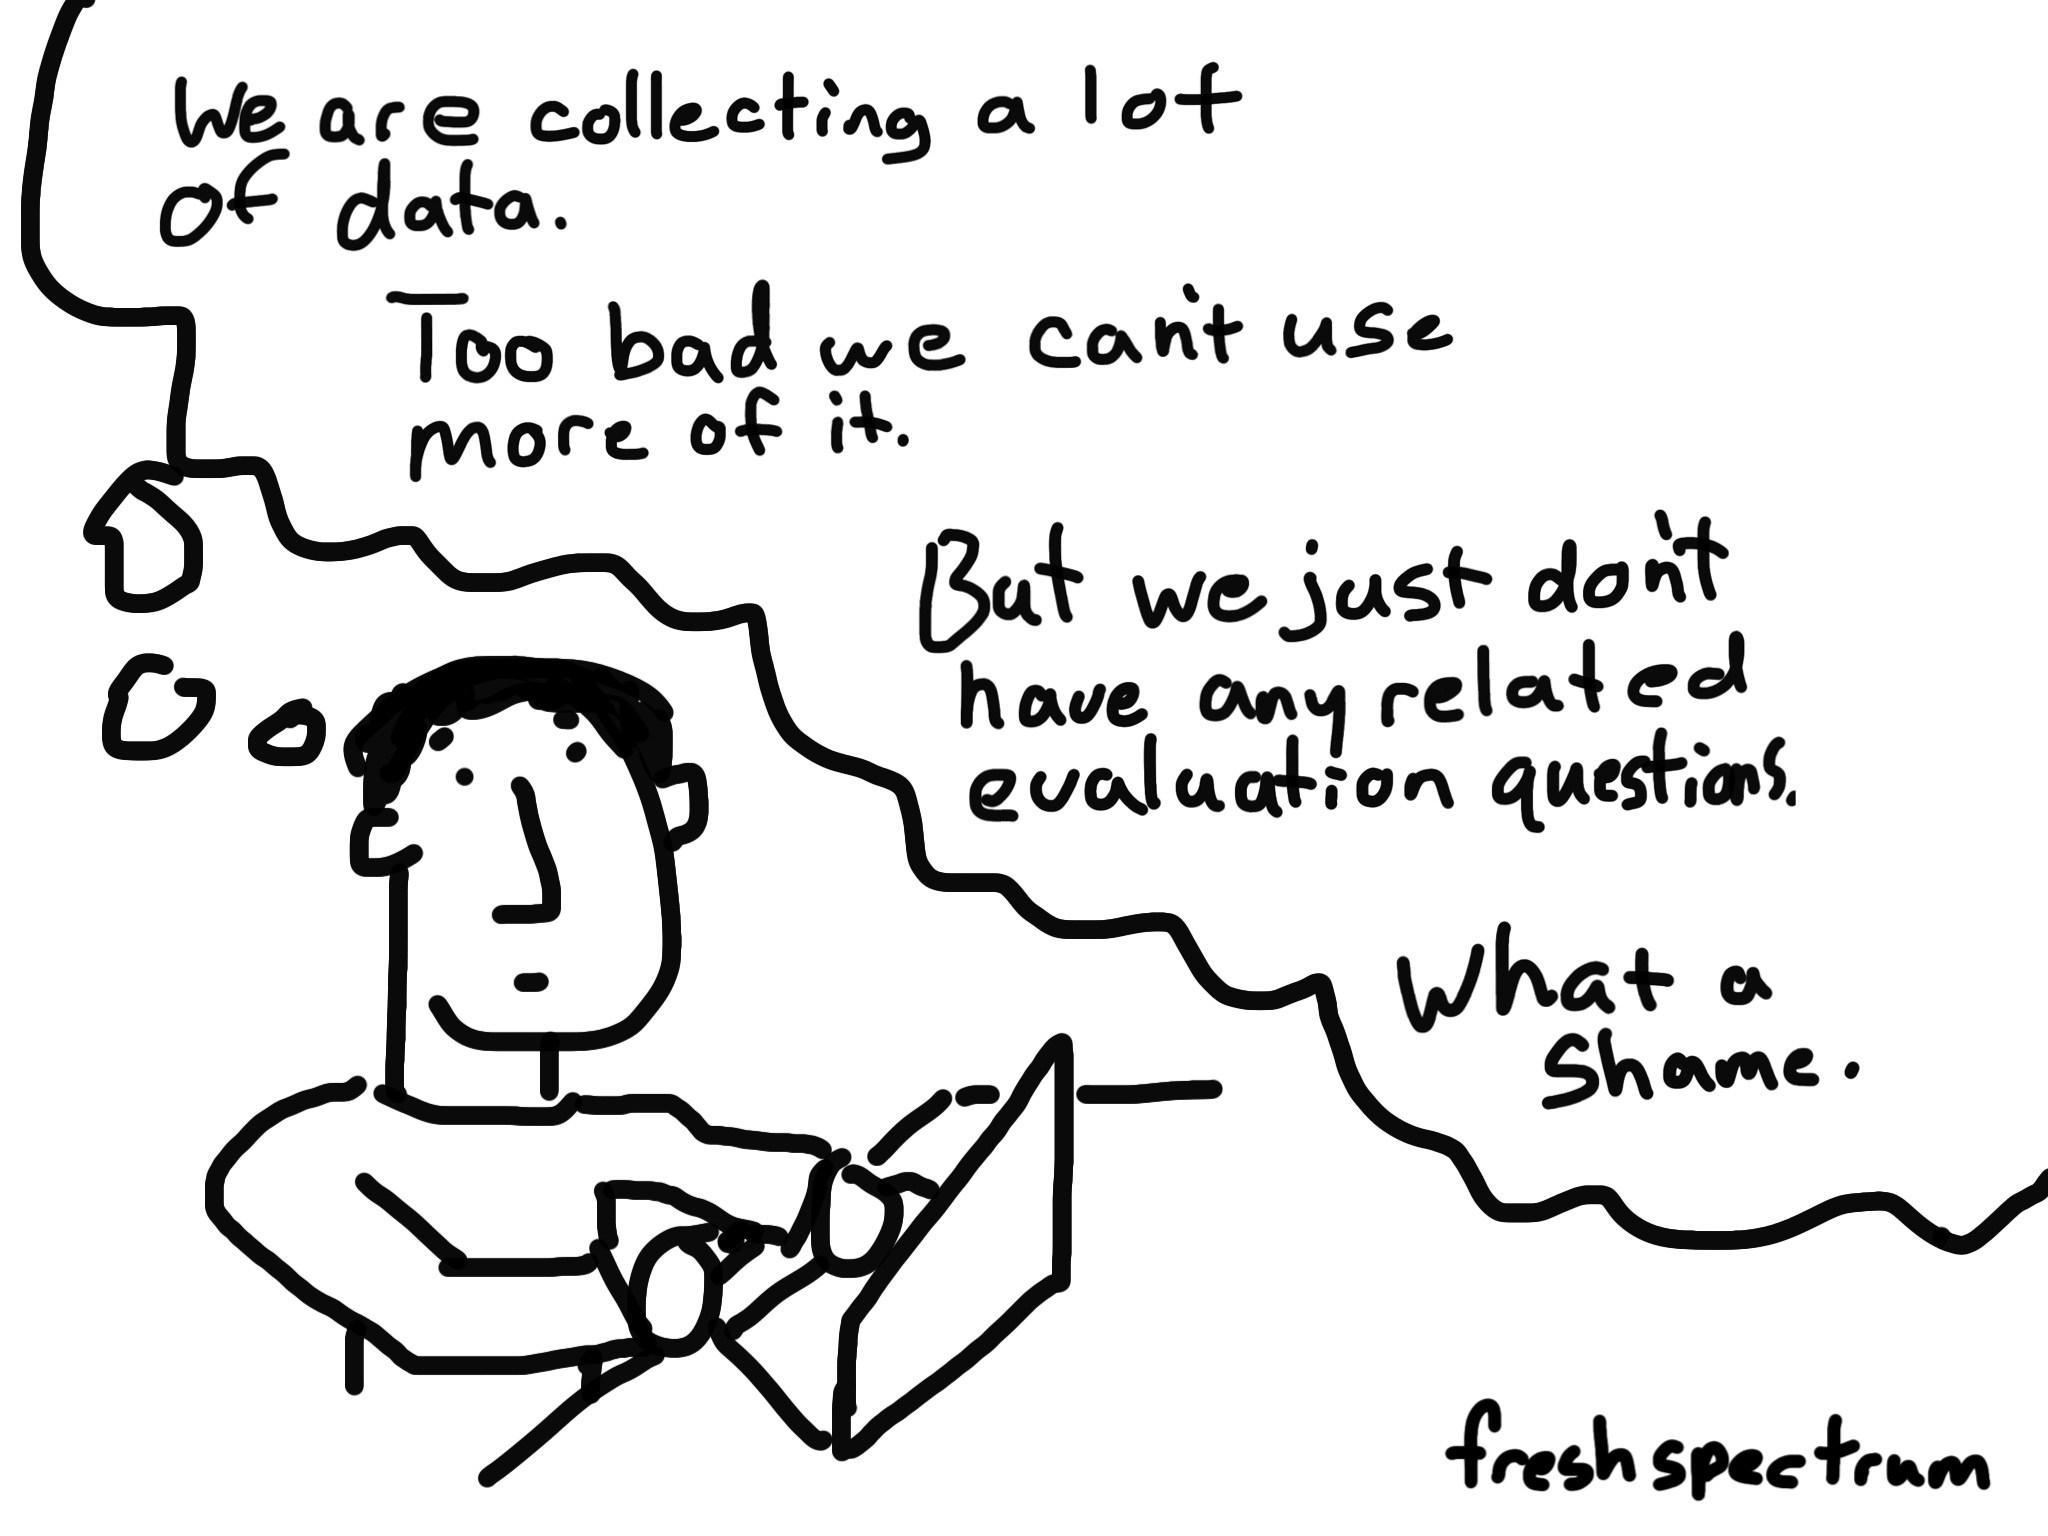 2048x1536 Data Science Versus Evaluation